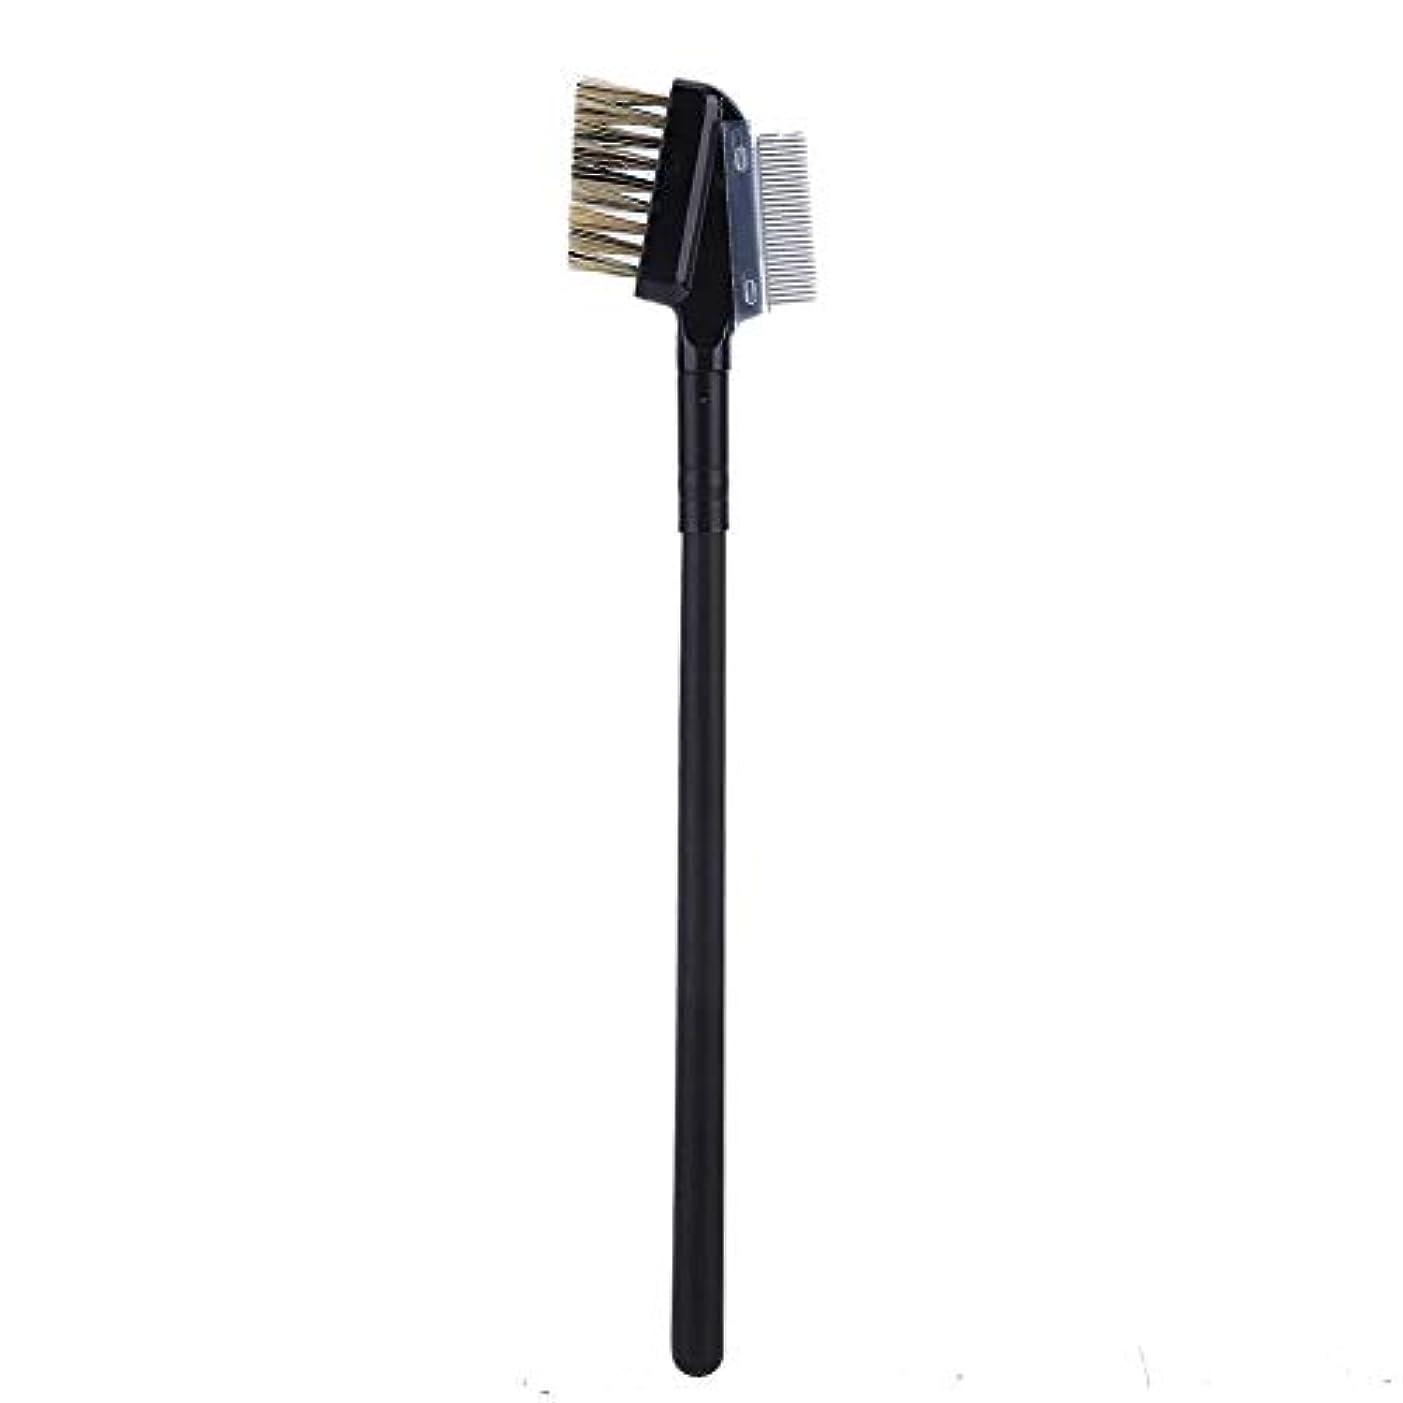 言い聞かせる結晶処理する二重使用眉毛まつげエクステンションくしブラシ、まつげブラシファインメタルコームメイクアップツール, 二重使用の眉毛のまつげの櫛のブラシのまつげ延長ブラシの良い金属の櫛の構造用具